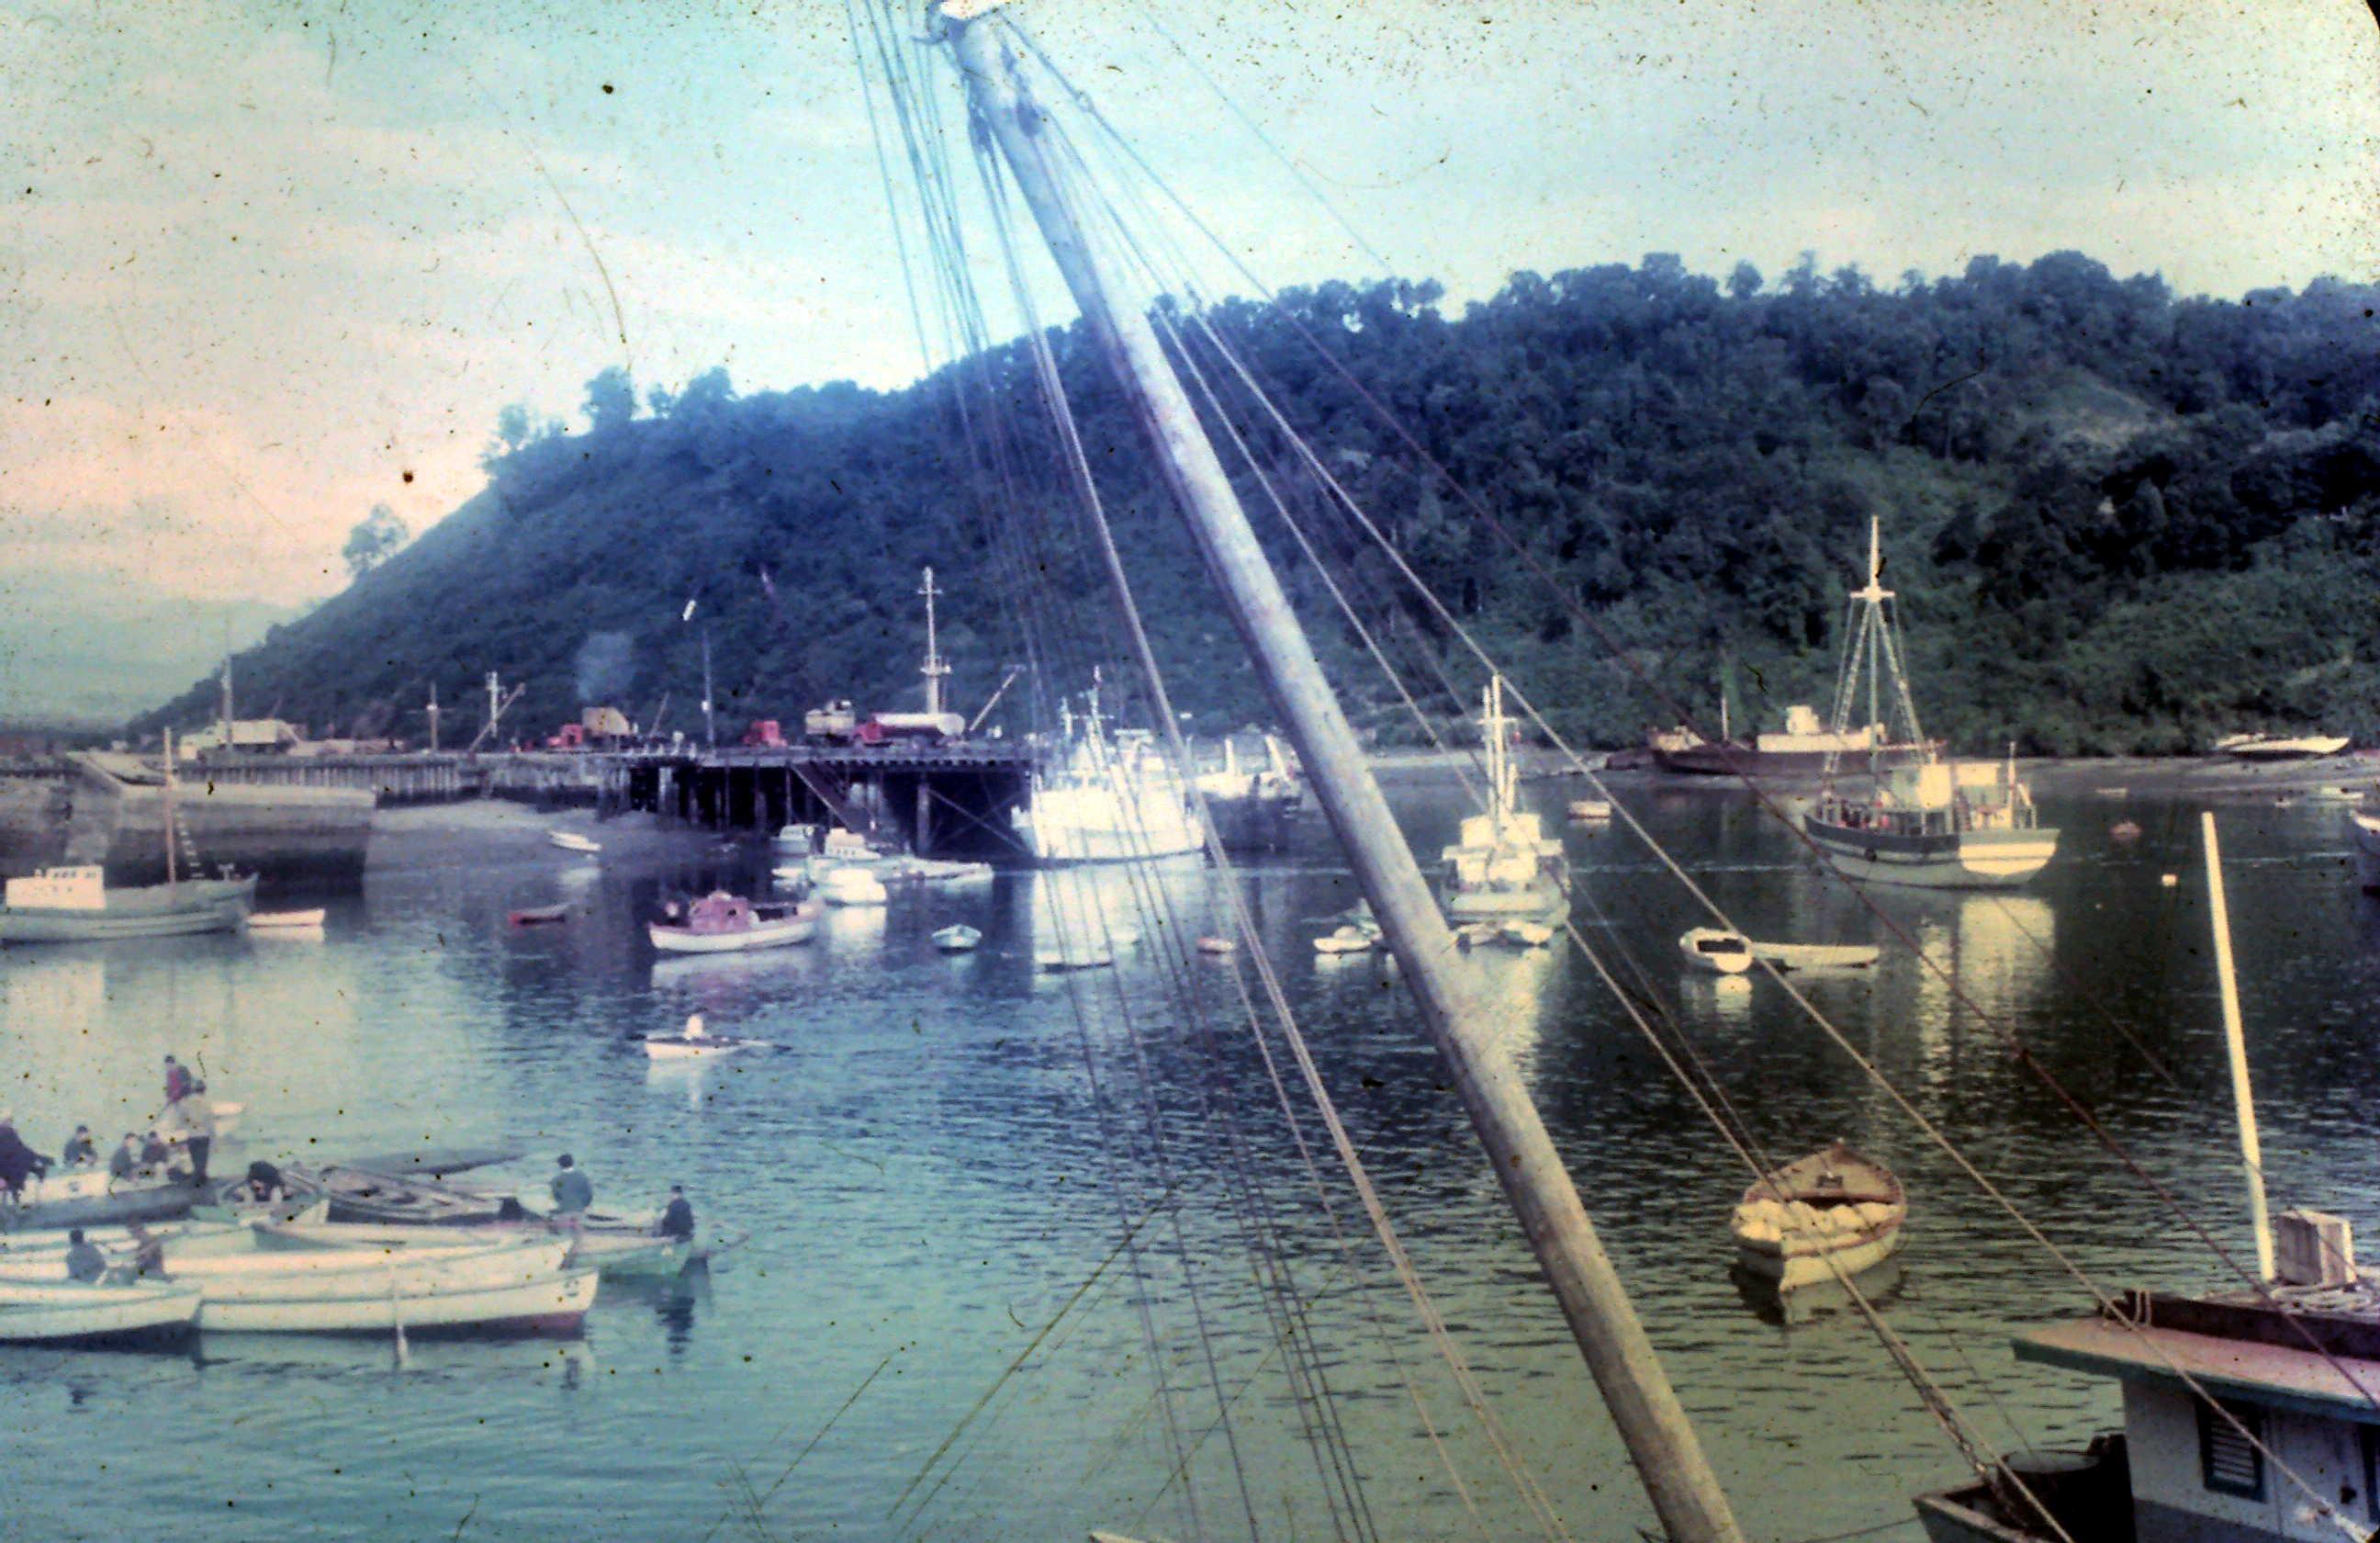 Enterreno - Fotos históricas de chile - fotos antiguas de Chile - Verano de 1968 en Puerto Montt